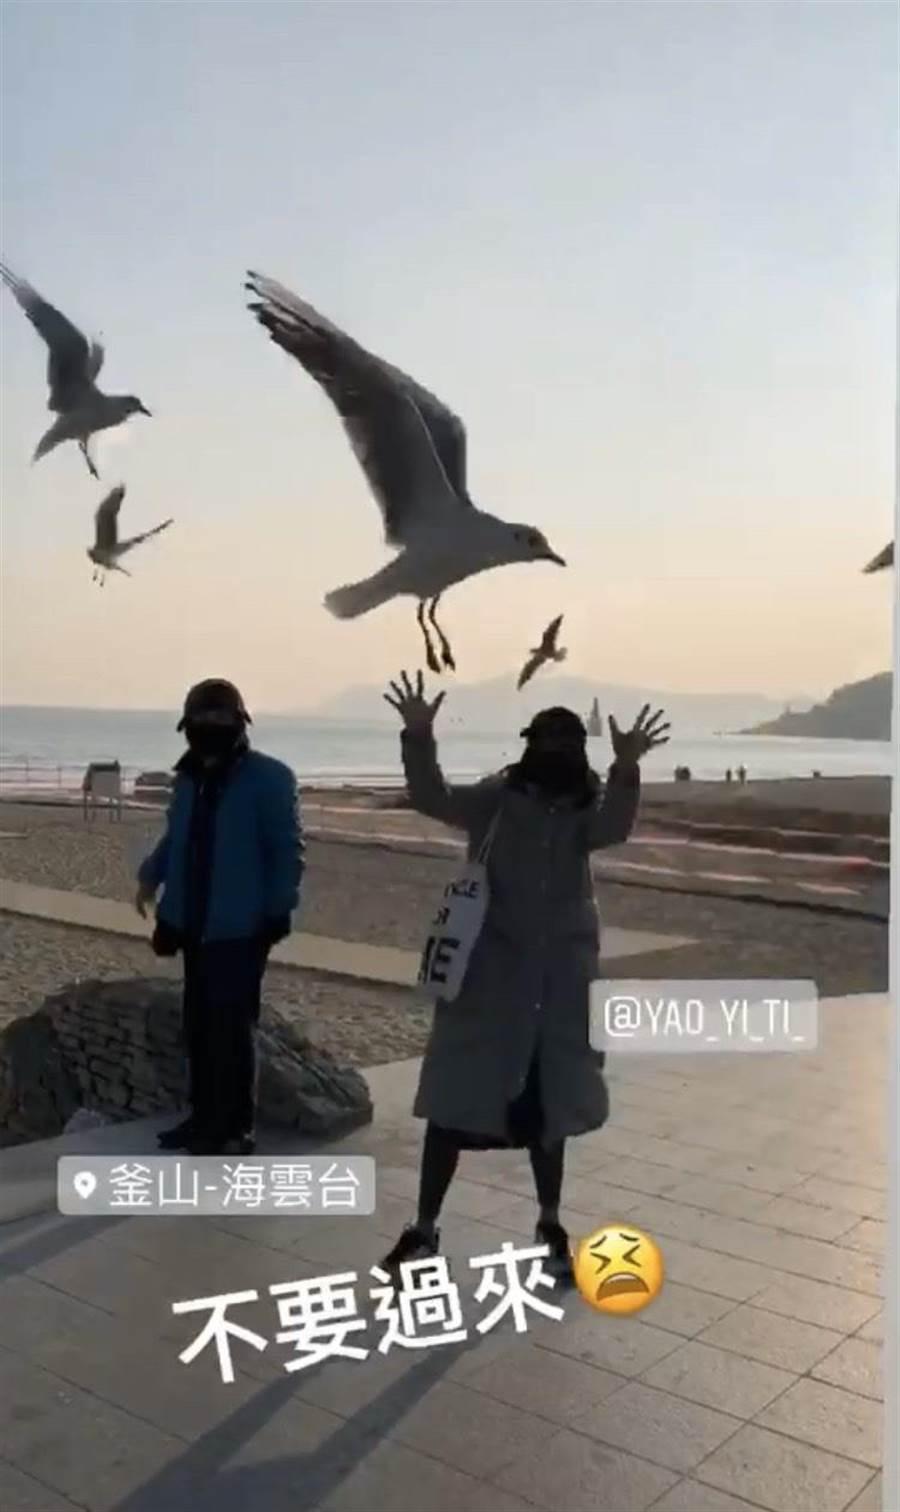 海雲台親人的海鷗們嚇的姚以緹花容失色。(瑞光家族提供)